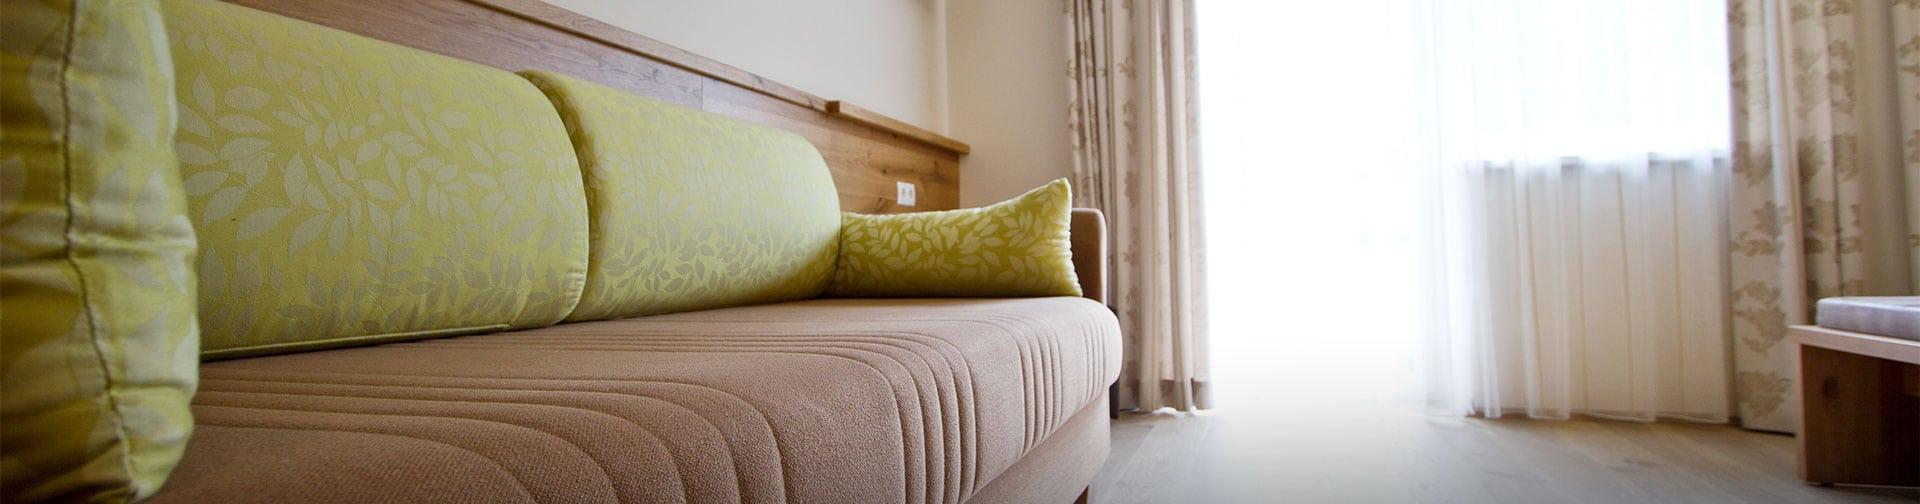 Hotel Zirngast - das Hotel für Ihren Sommer- & Skiurlaub in Schladming